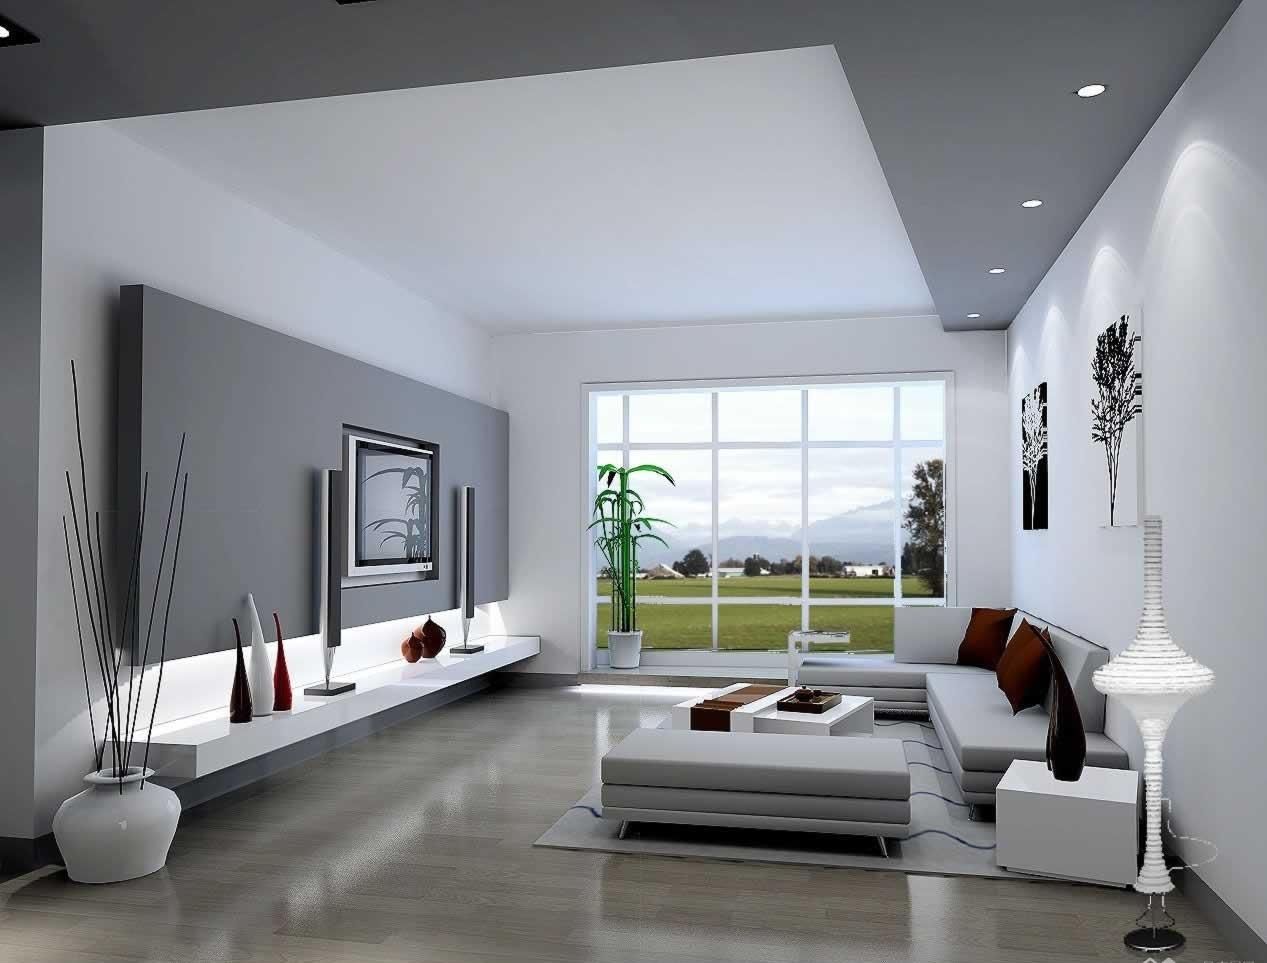 家中客厅挂什么画好 客厅四字书法横幅作品欣赏